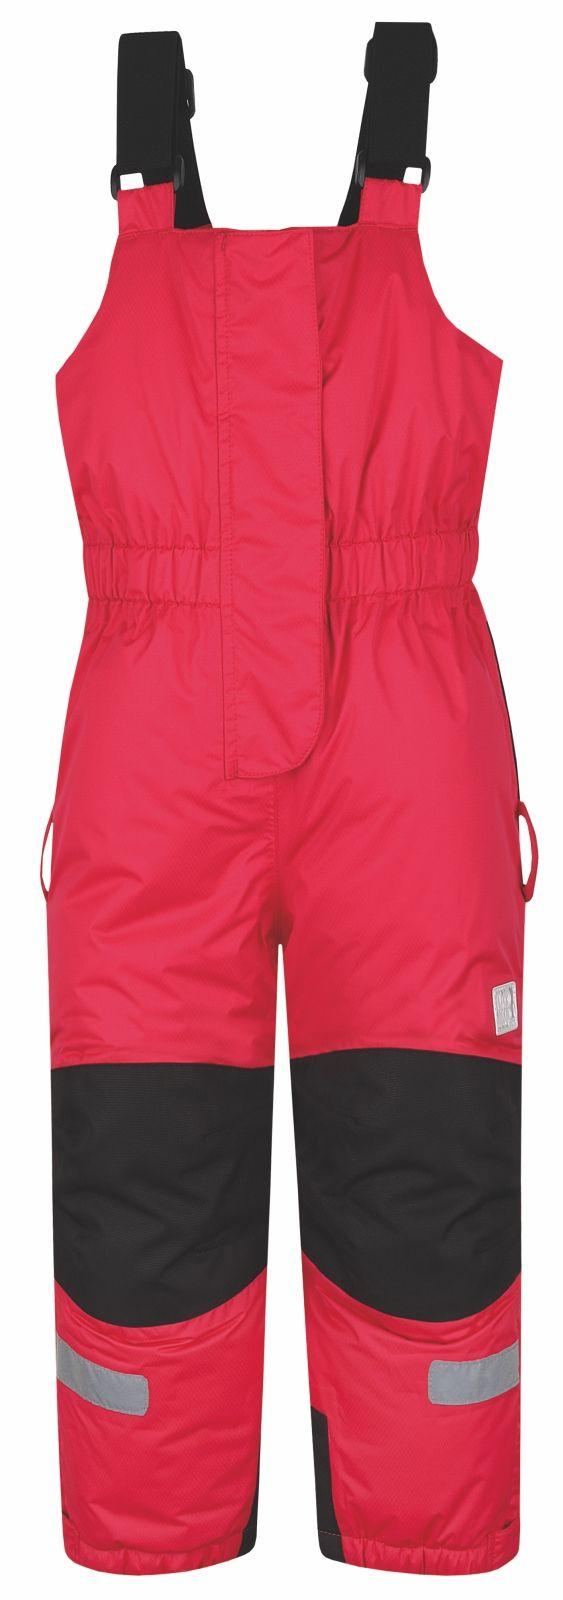 a76aa46d4 LOAP Dětské lyžařské kalhoty ADELE velikost 74-104   ZIMA 2014 ...